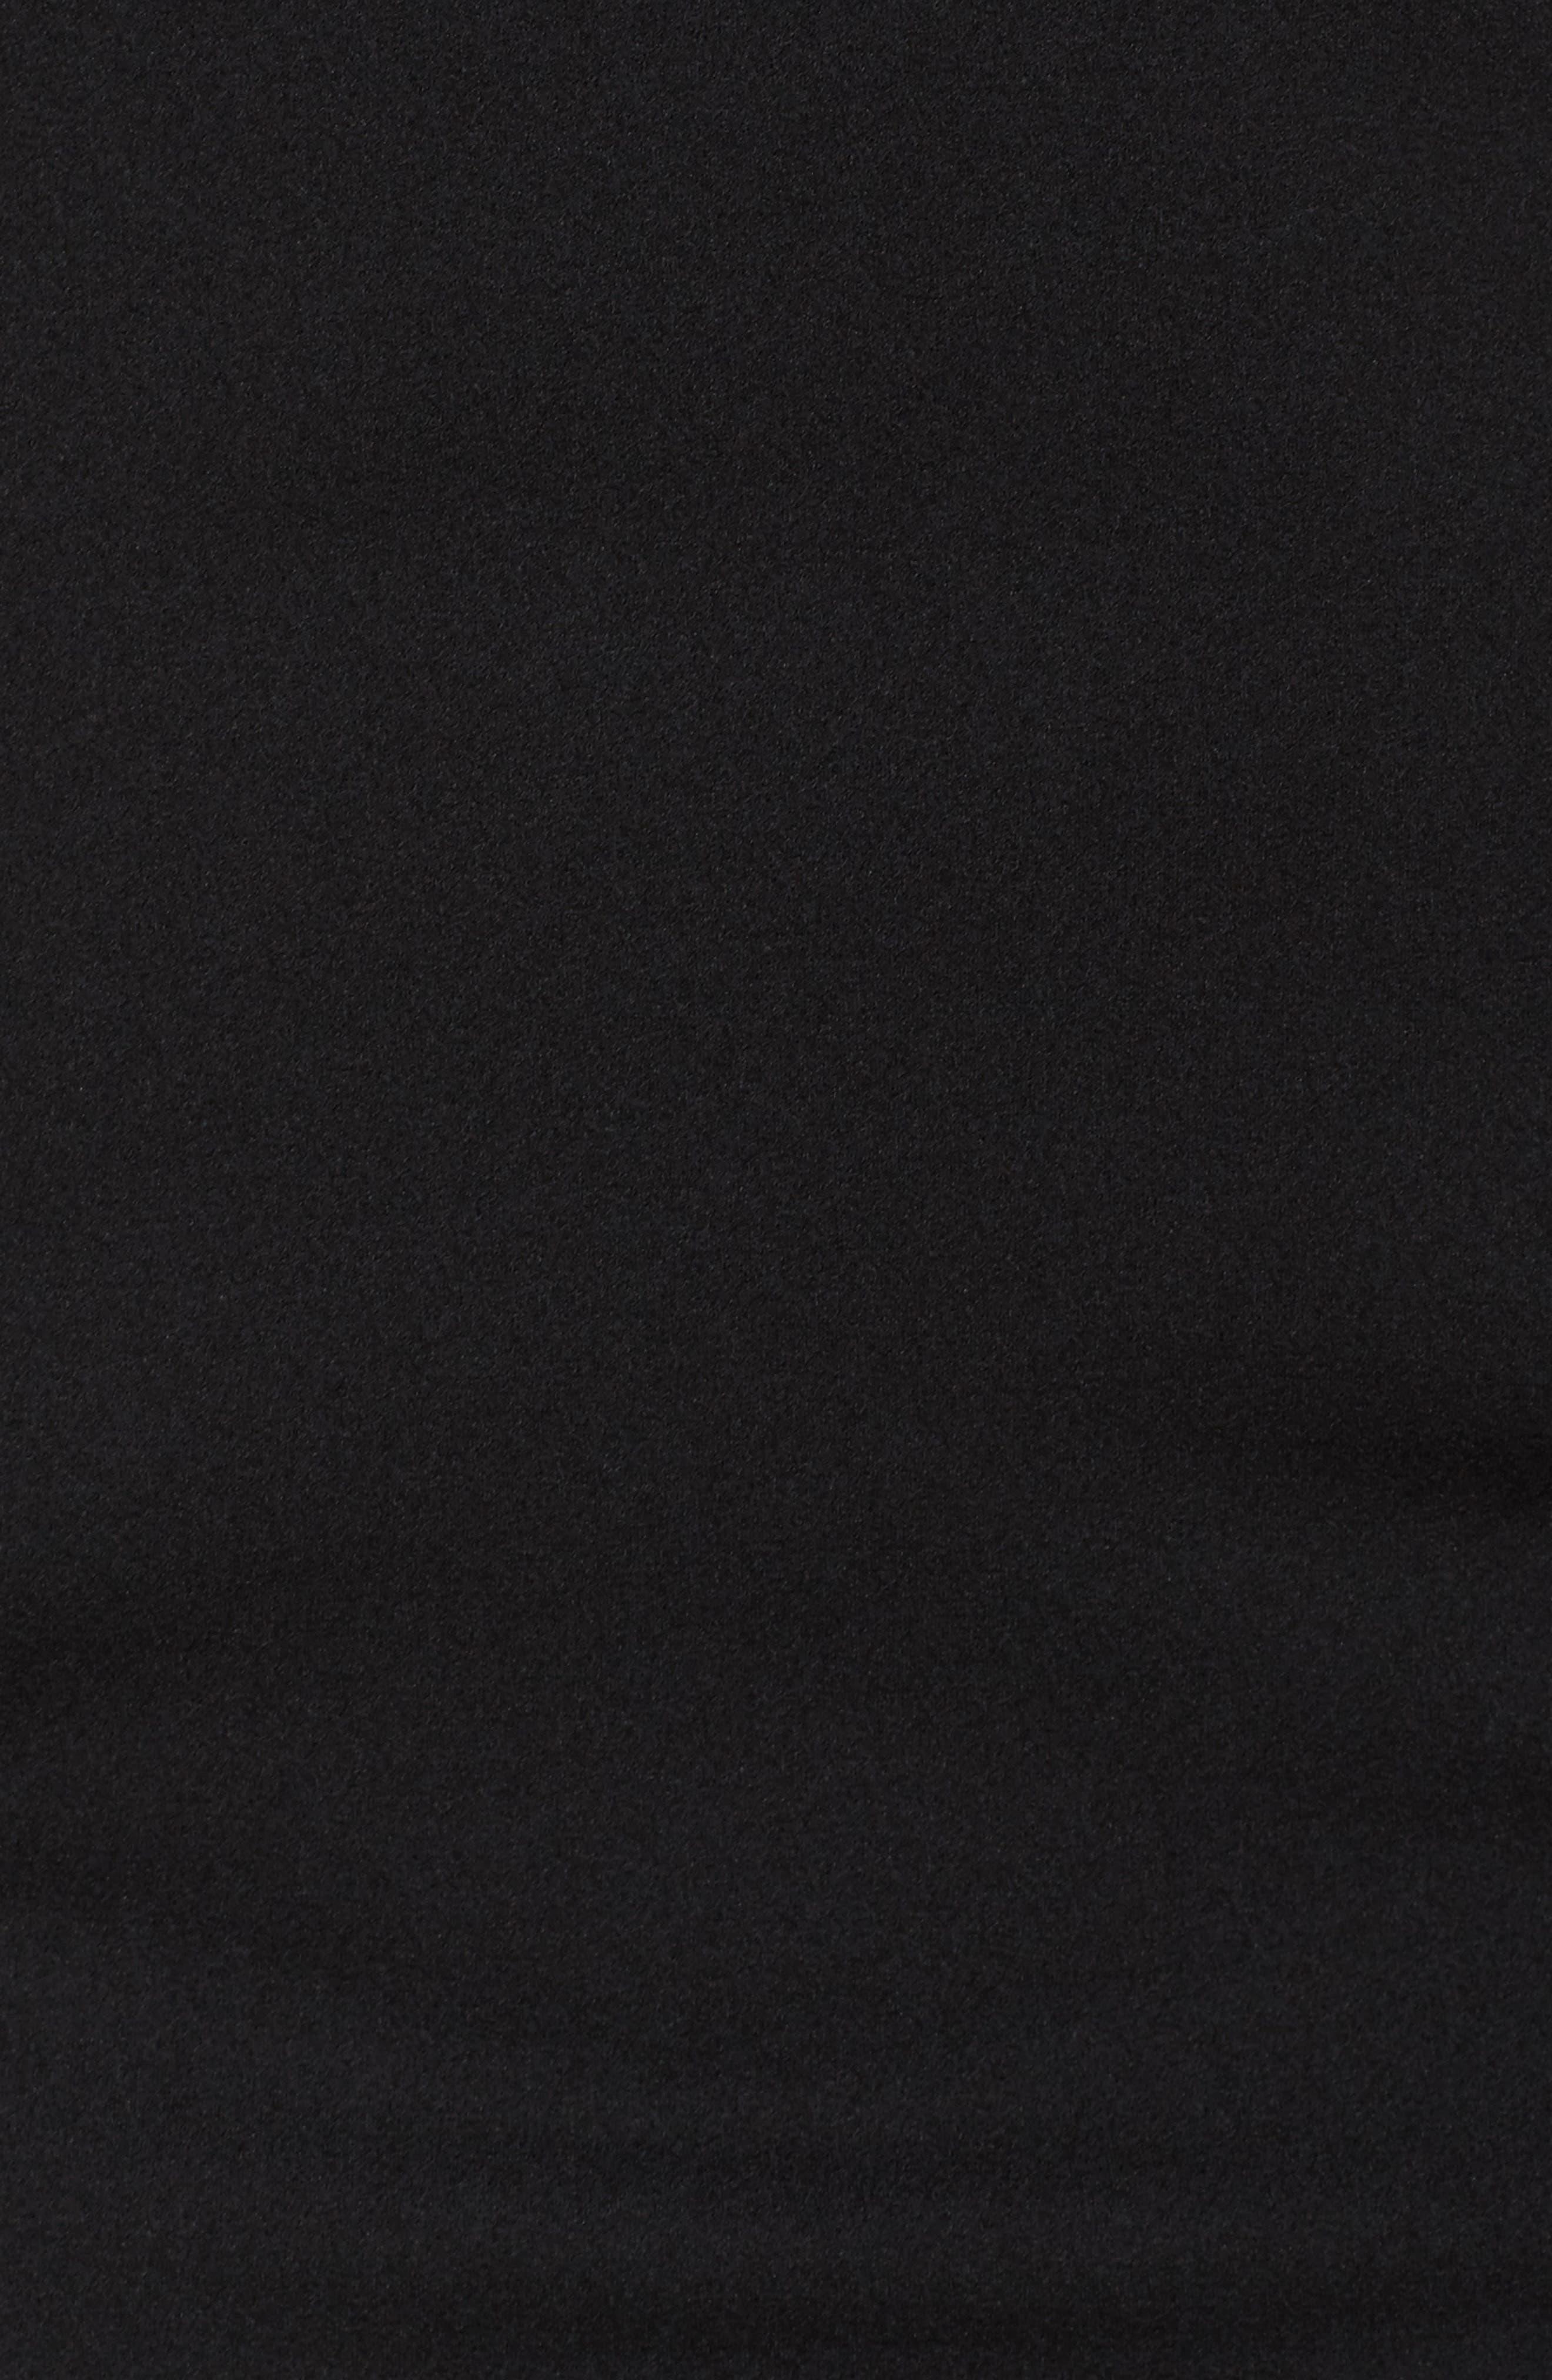 Cape Sheath Dress,                             Alternate thumbnail 5, color,                             Black